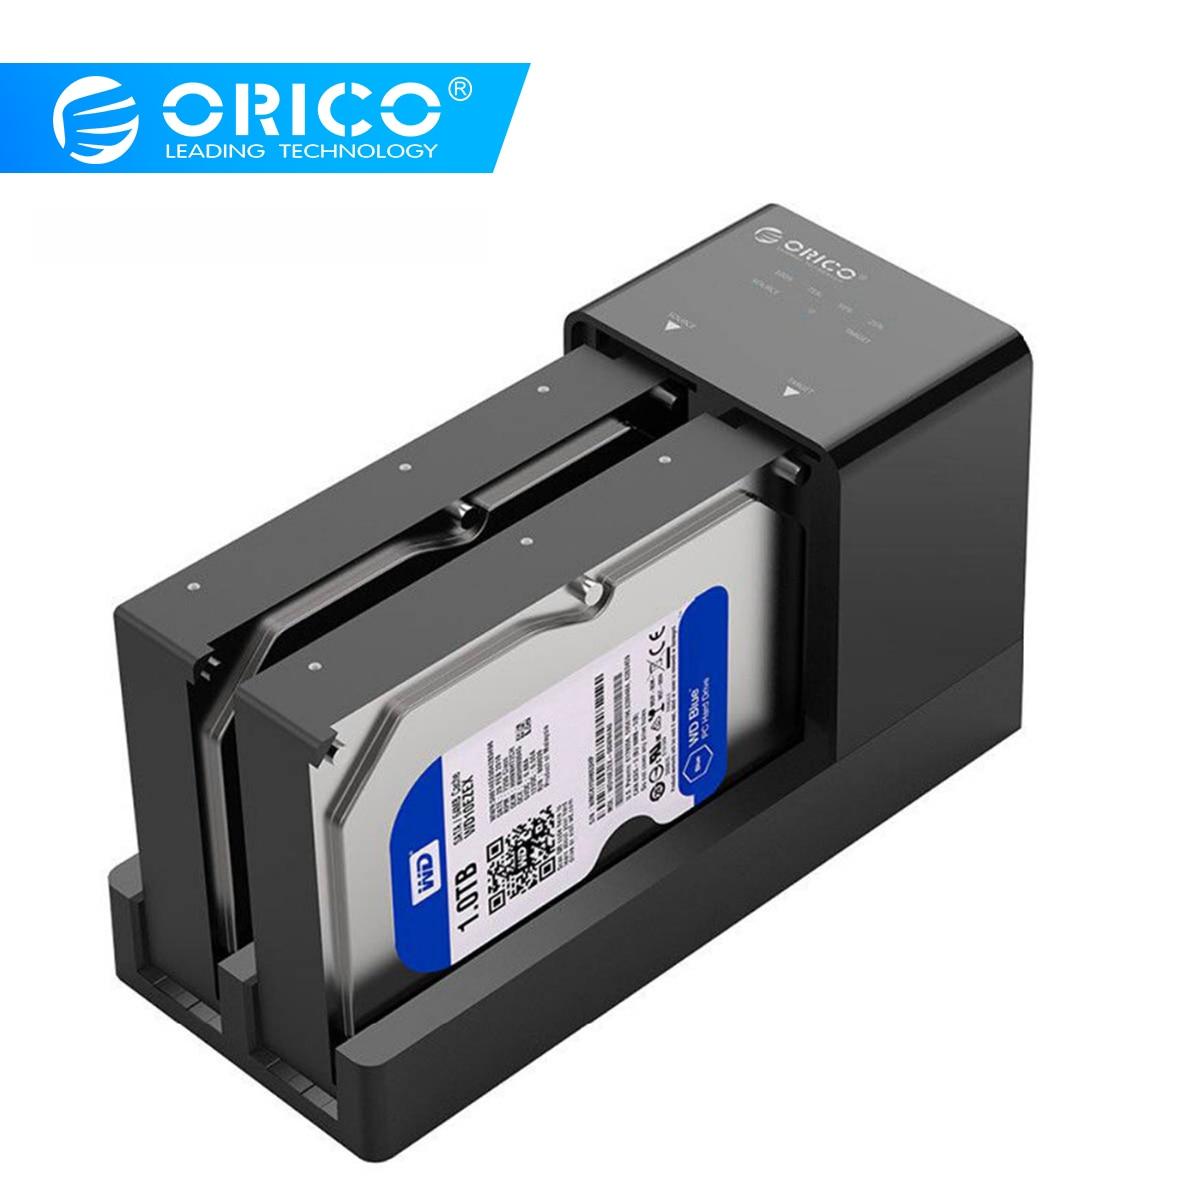 ORICO 2.5 3.5 SATA Hdd Estação de Ancoragem Clone Desligada Super Speed USB 3.0 Hard Drive Suporte 10TB 2 bay preto 6528US3-C